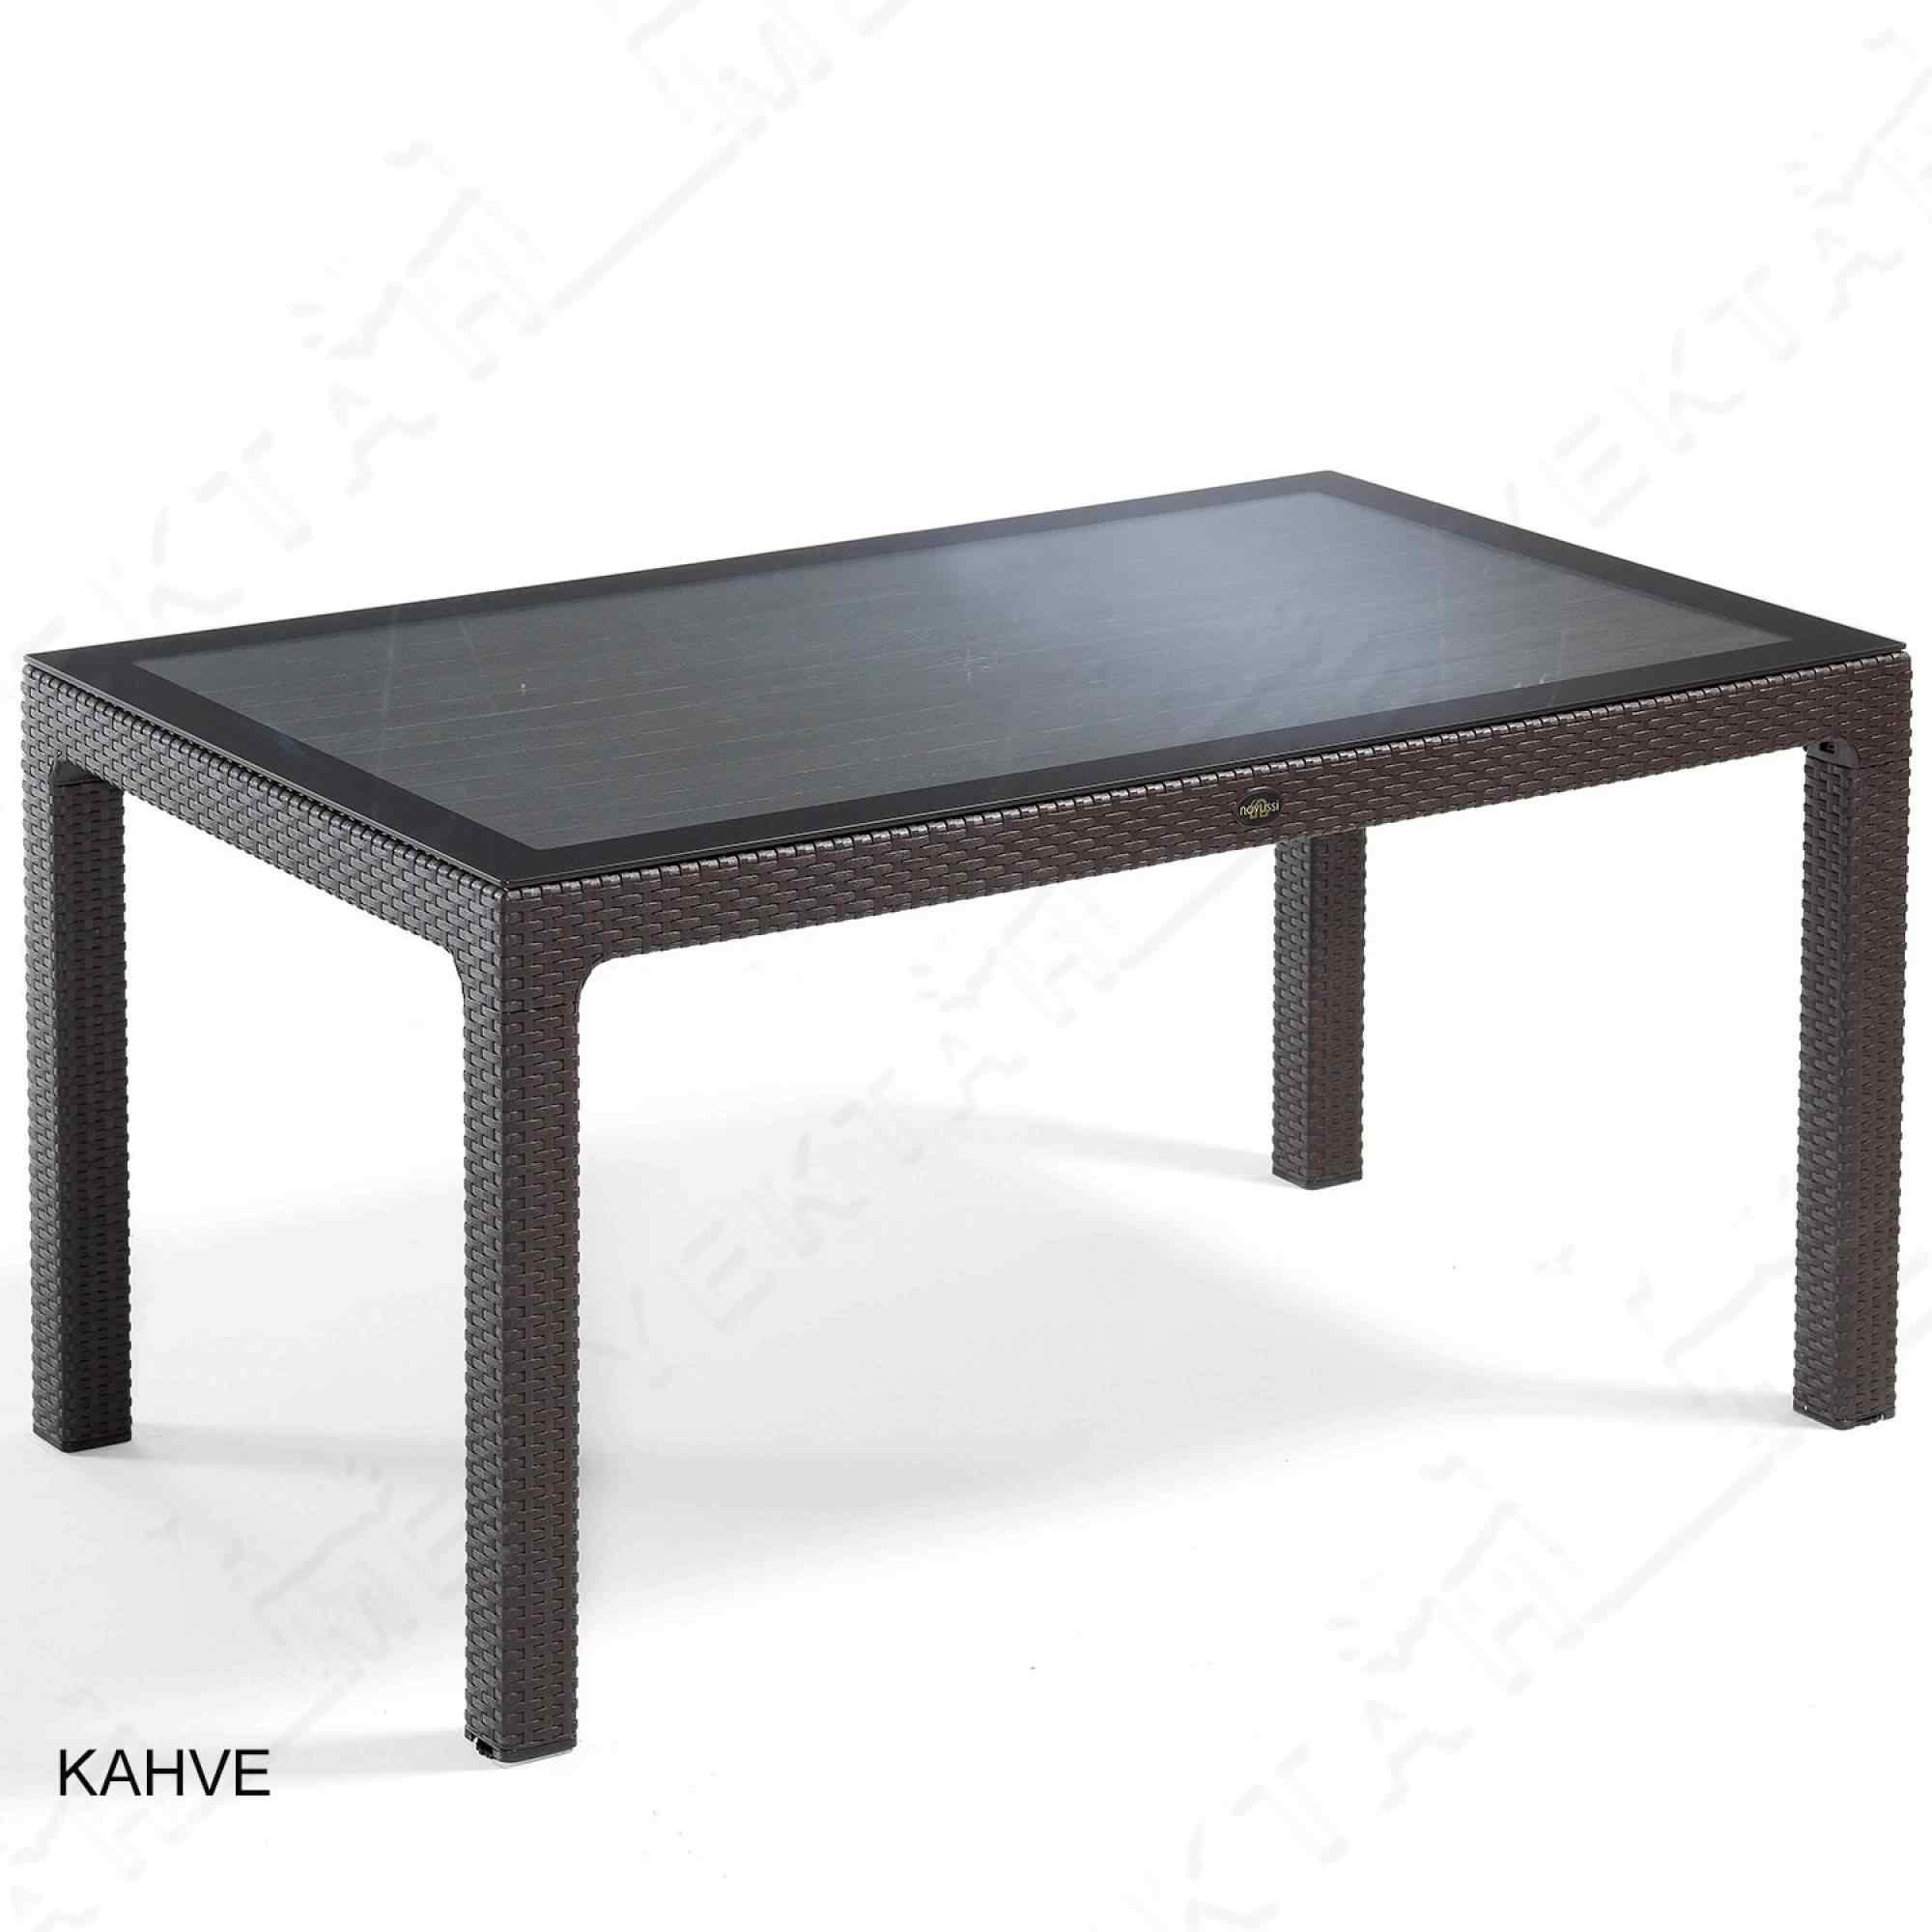 Novussi 150G Camlı Masa Bahçe ve Yemek Masası 6 Kişilik Kahverengi